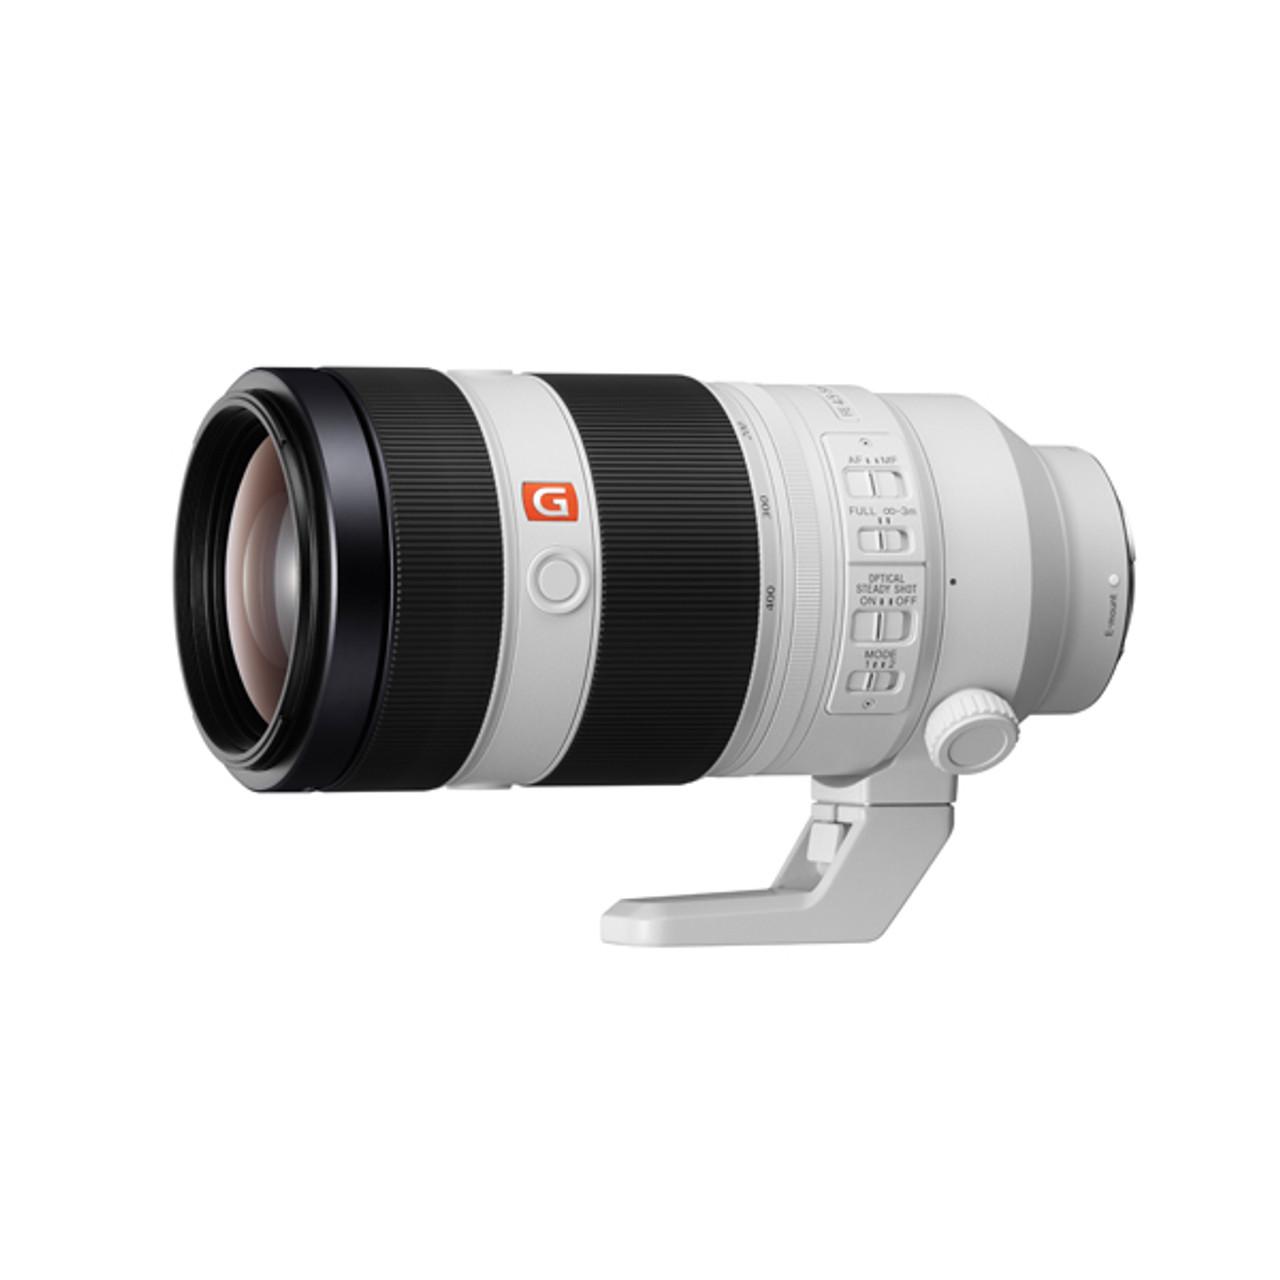 Sony SEL FE 100-400mm F4.5-5.6 GM OSS